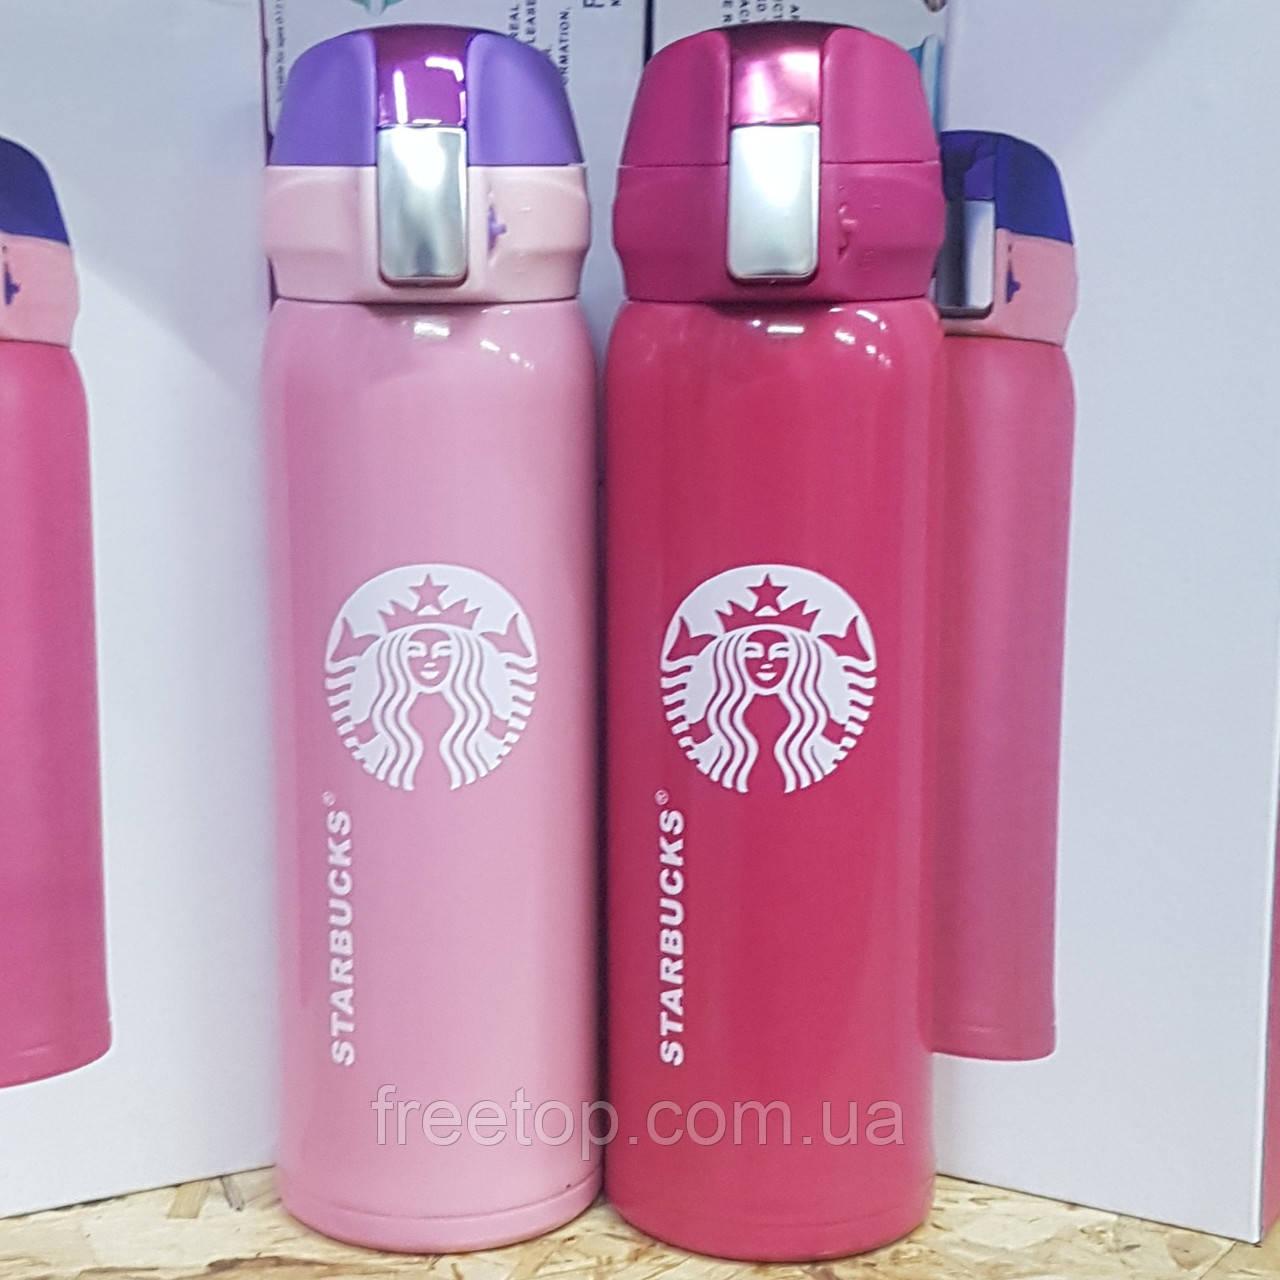 Термос Starbucks з замочком 500 мл (Старбакс)